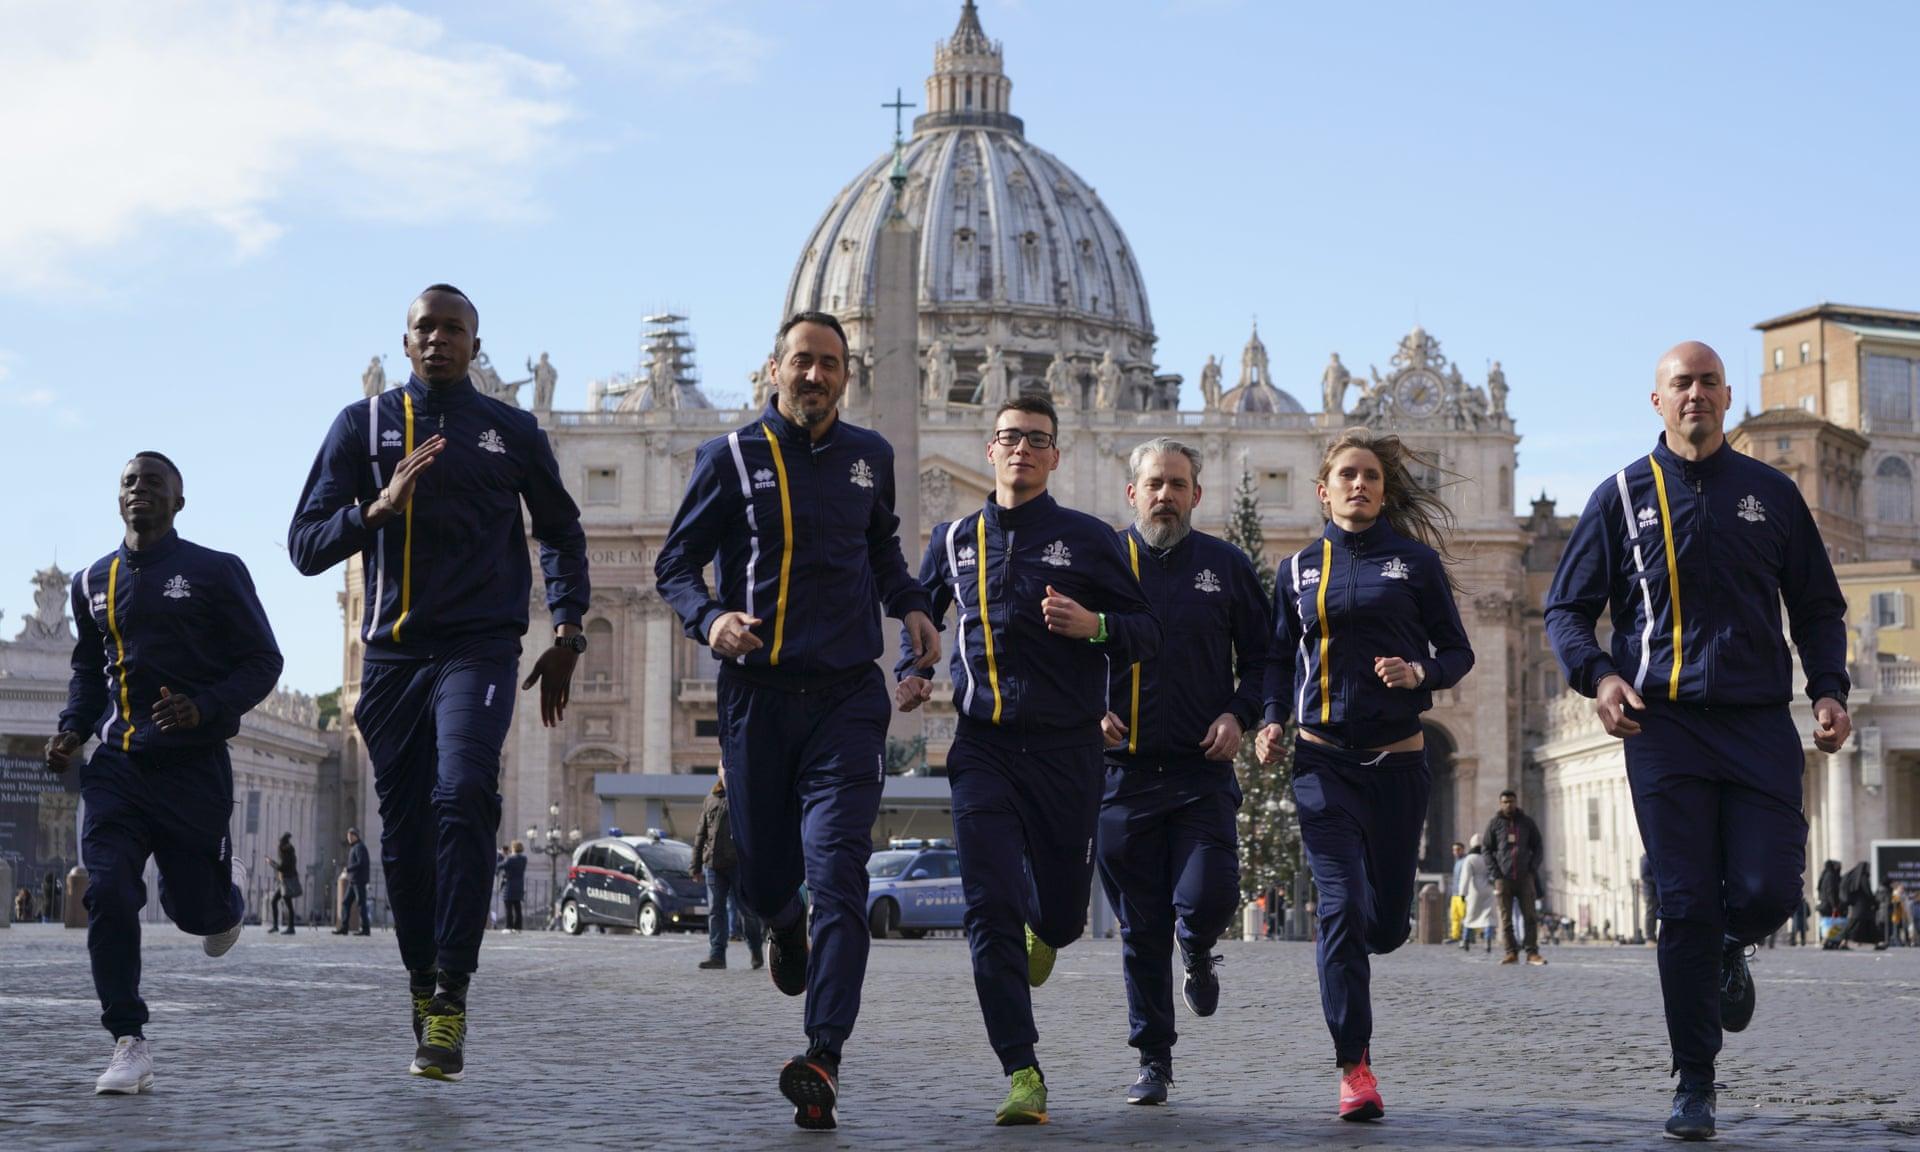 Cerca de 60 funcionários da Santa Sé se juntaram à equipe de atletismo do Vaticano. Foto: Andrew Medichini / AP